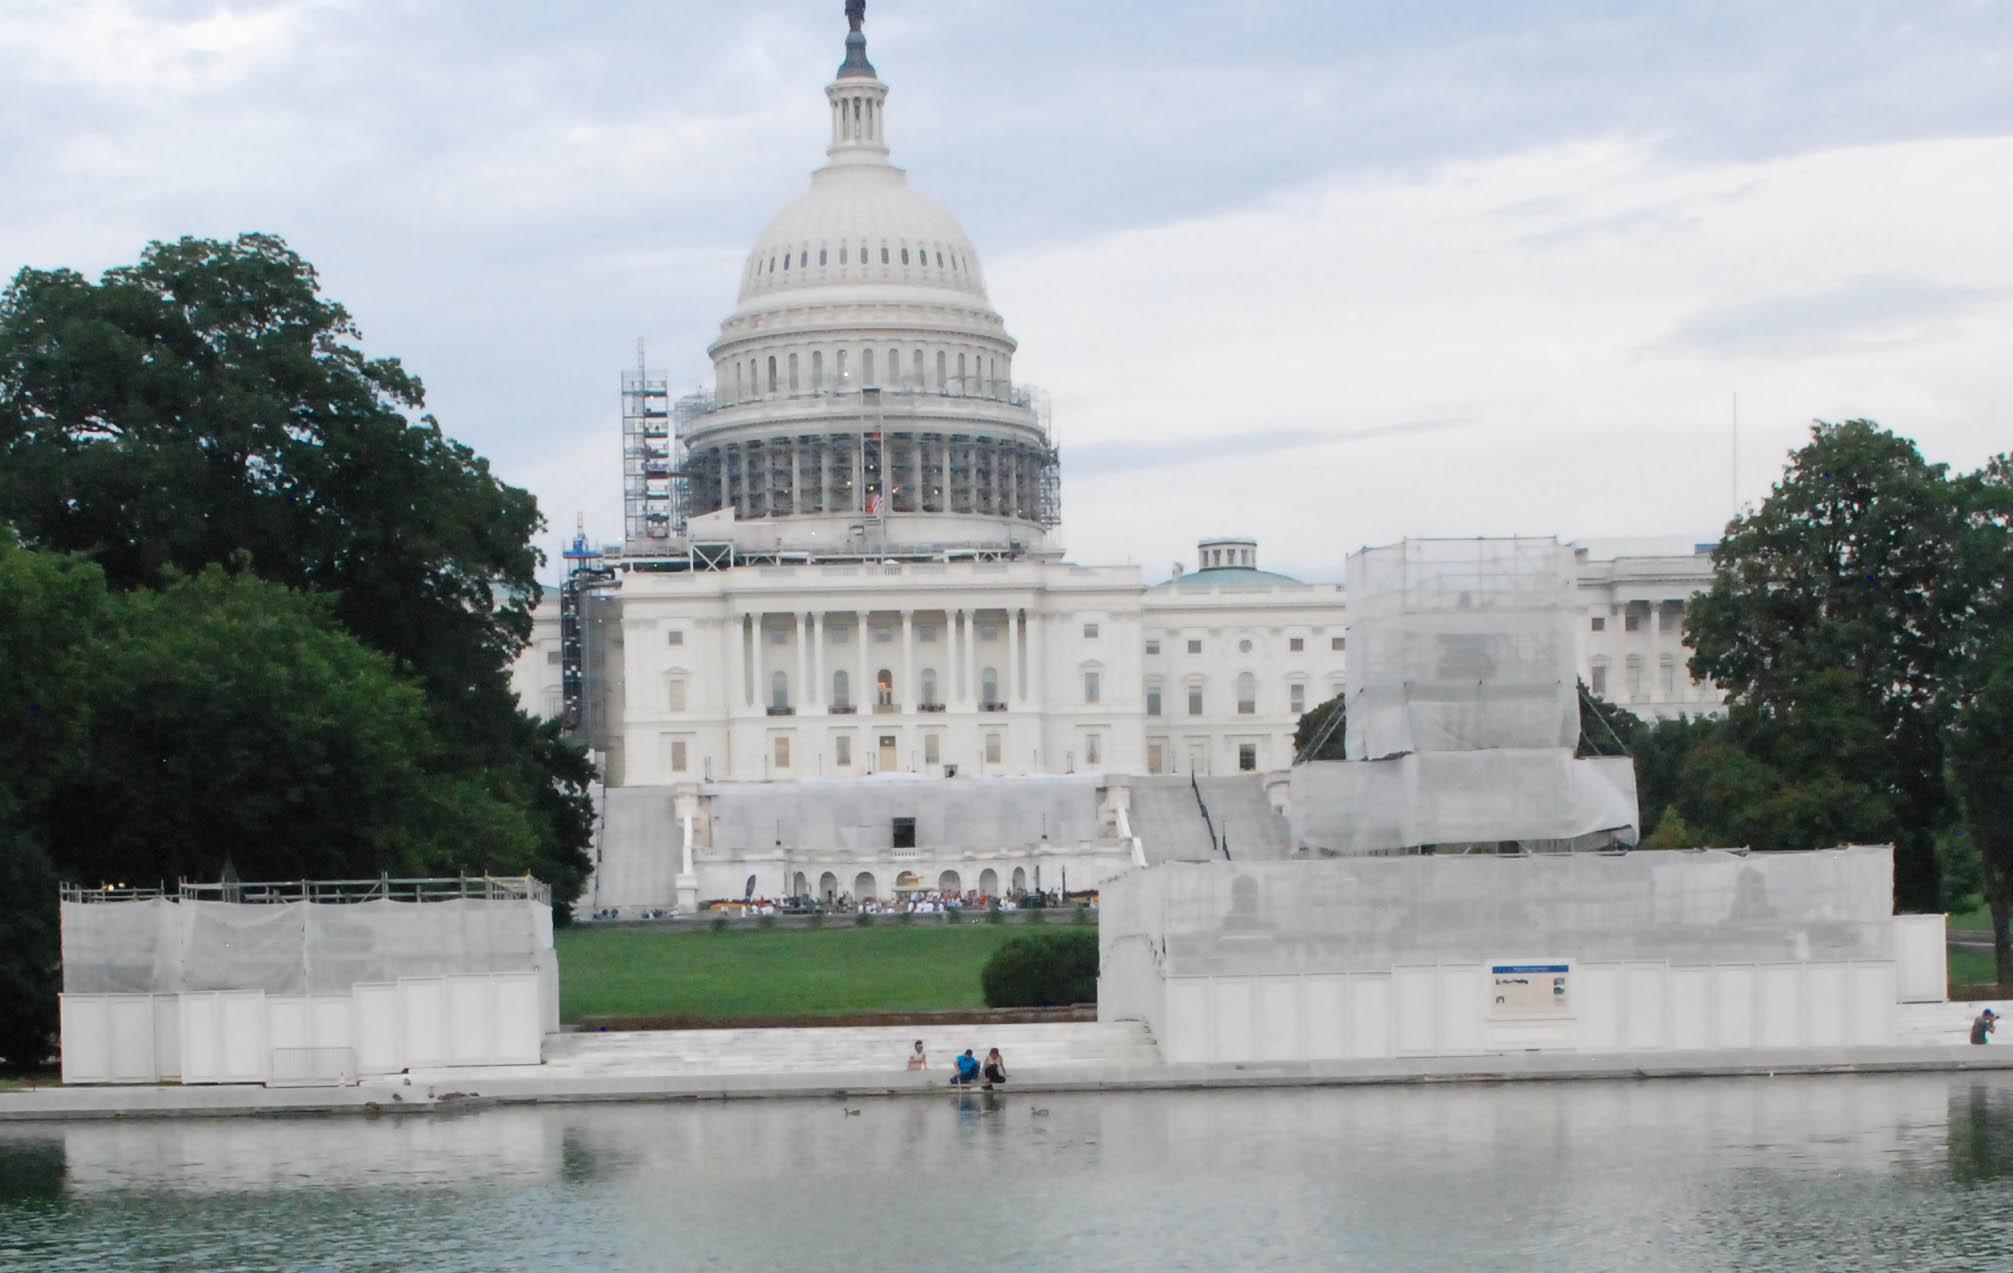 Reunión para la Segunda Enmienda 2 de noviembre, el Capitolio, Washington DC